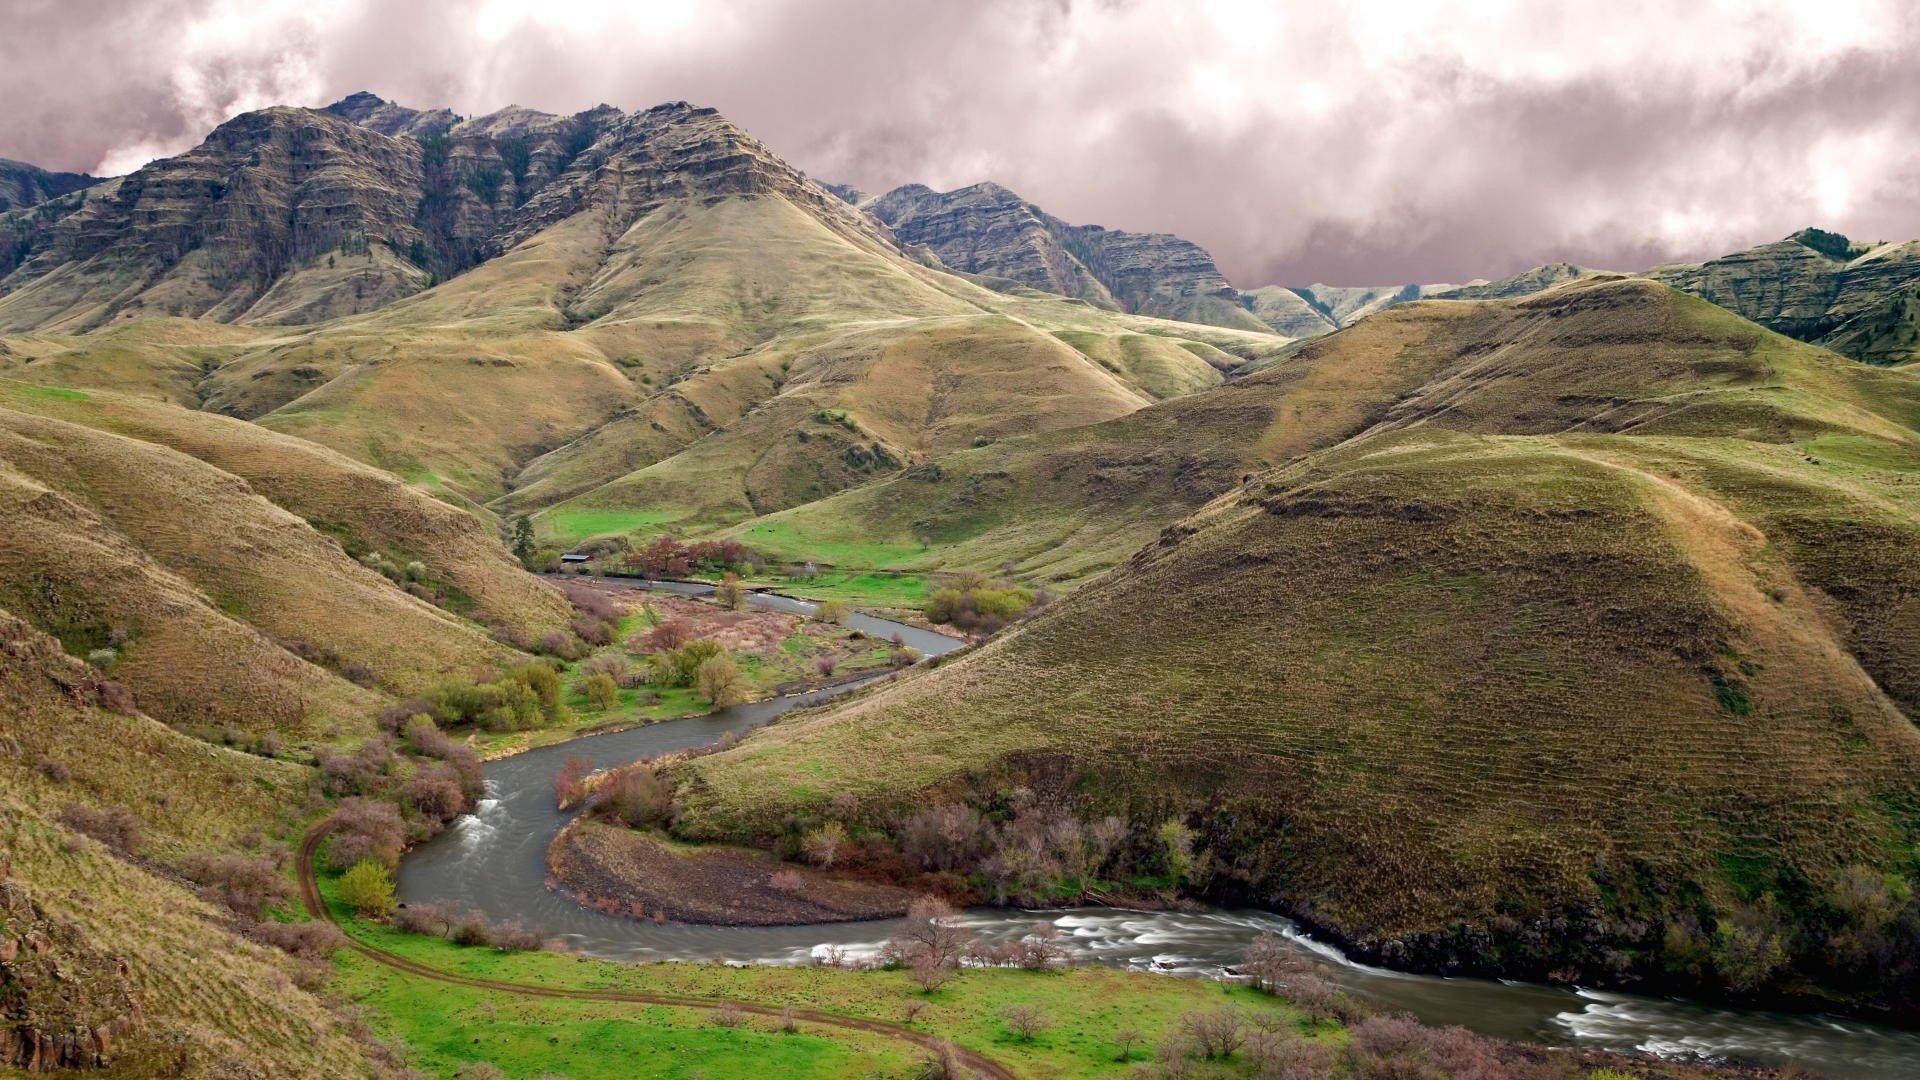 Imnaha river oregon hd wallpaper - Oregon nature wallpaper ...